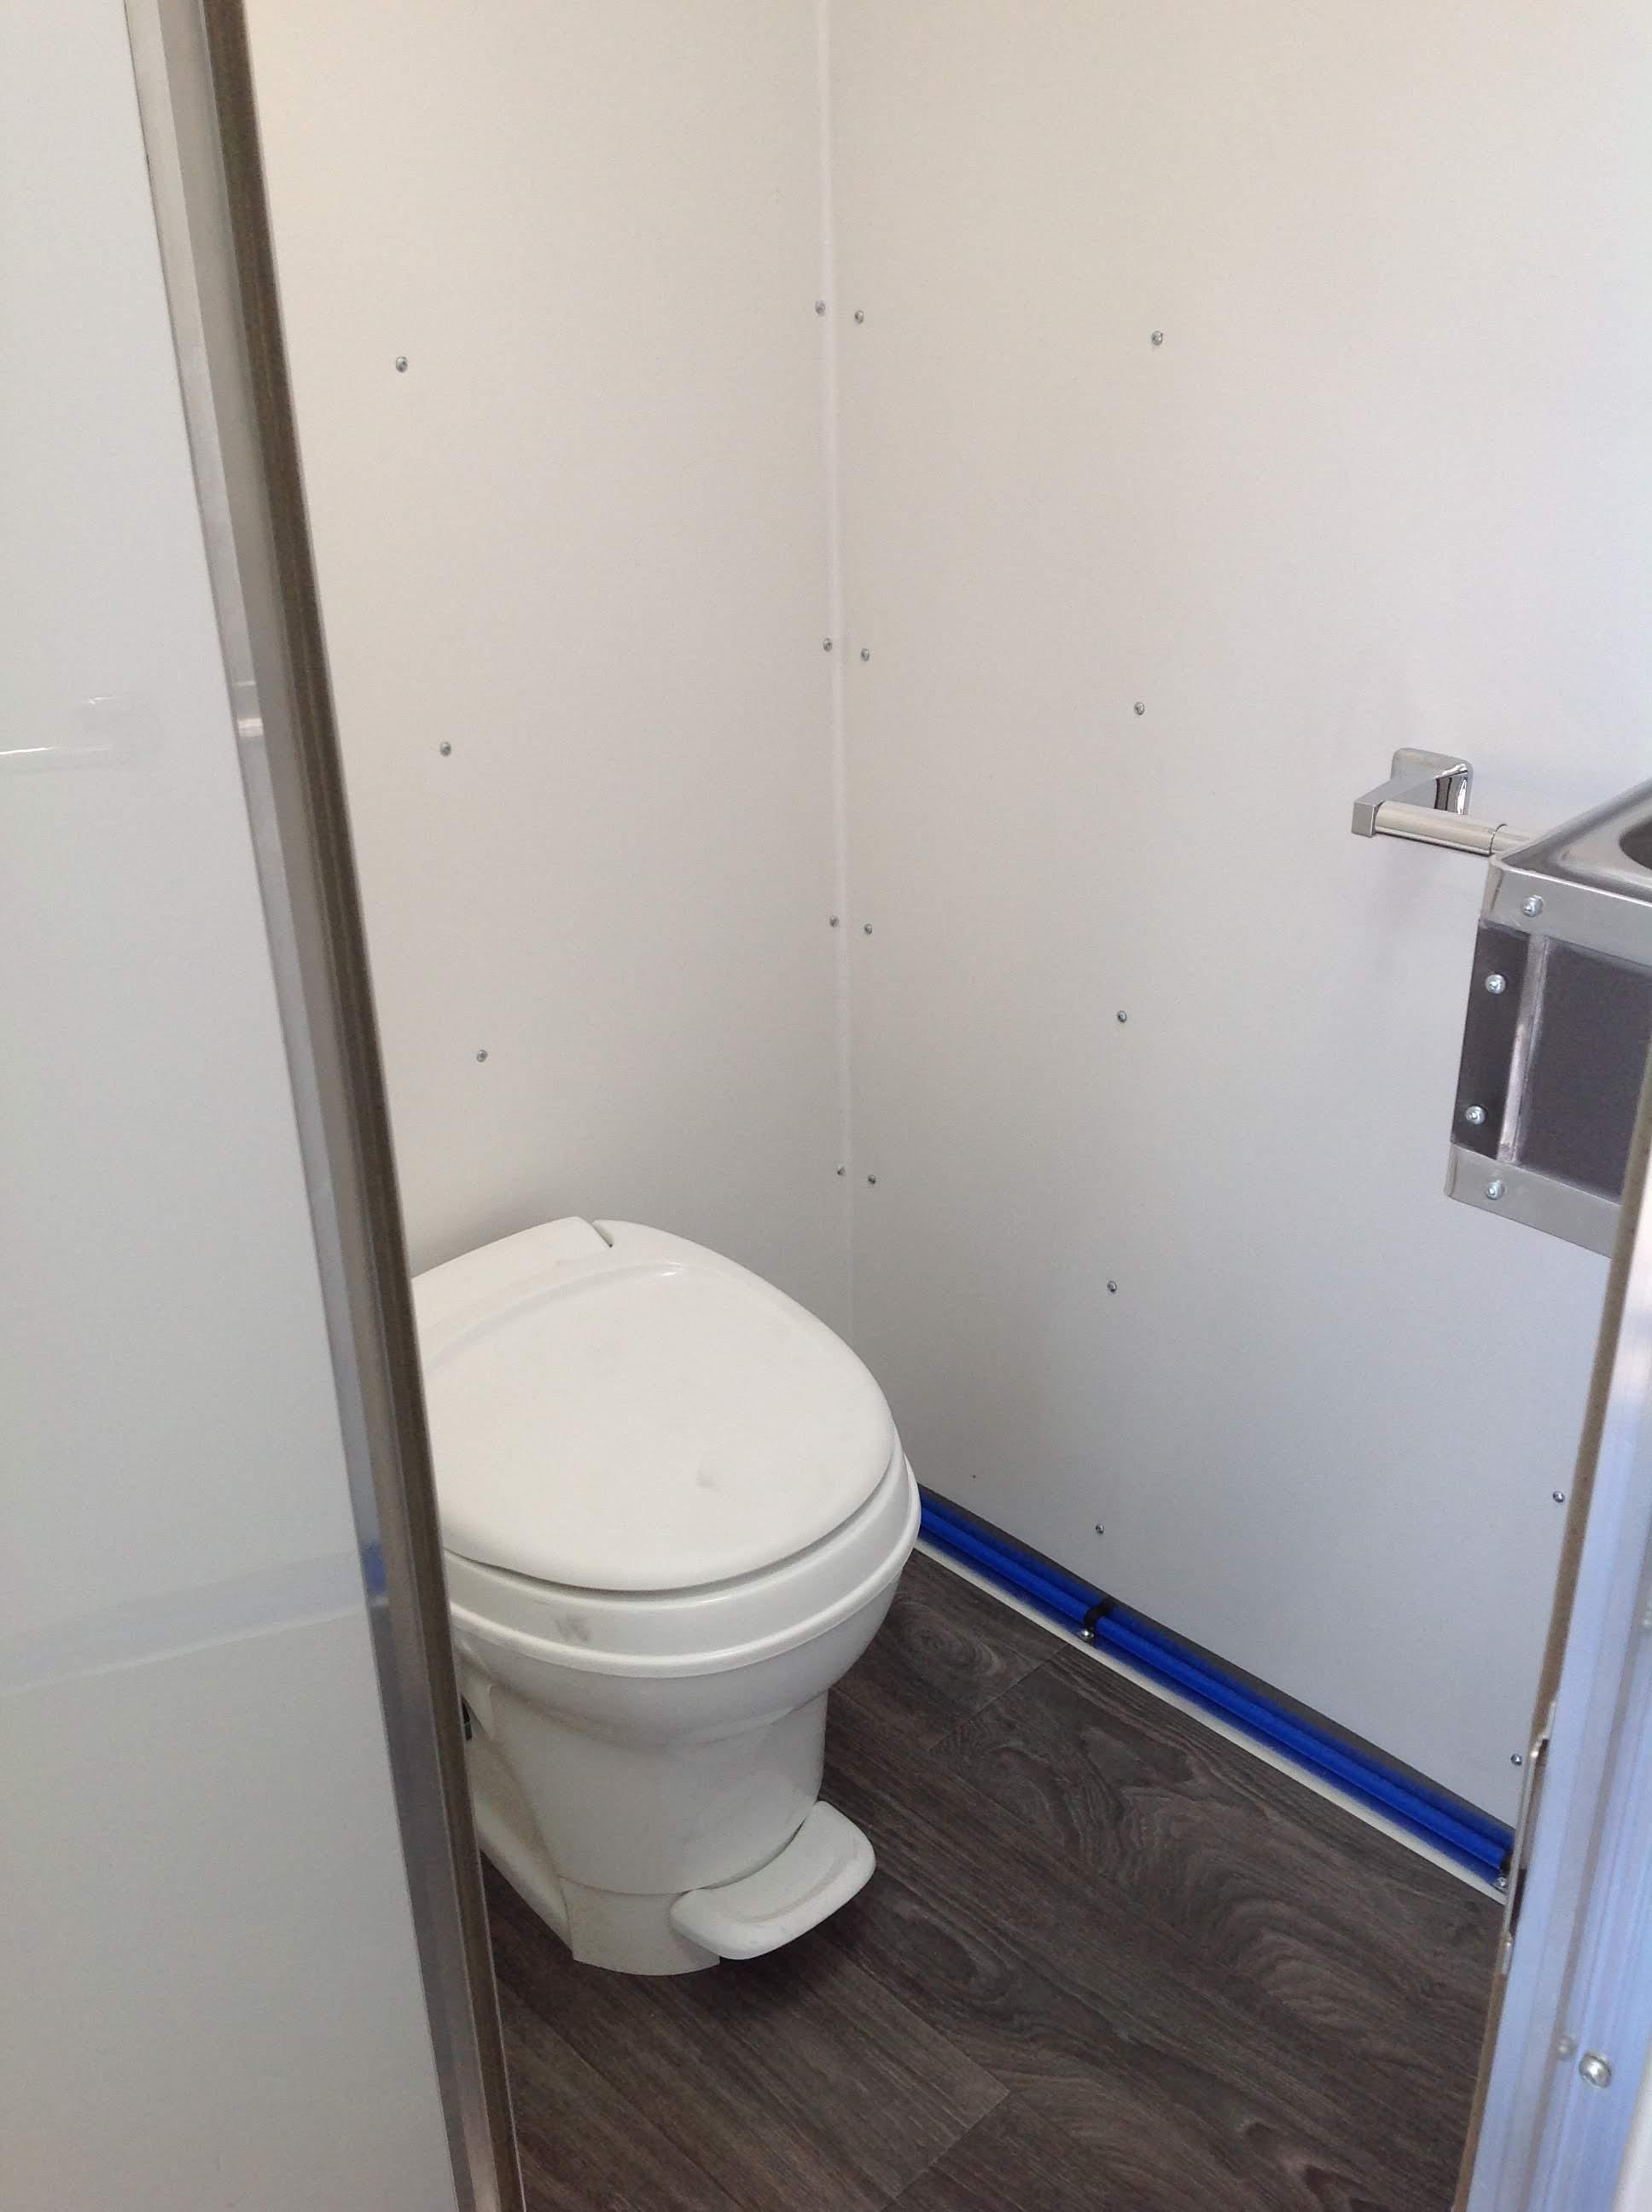 Foodtruck built in toilet 14